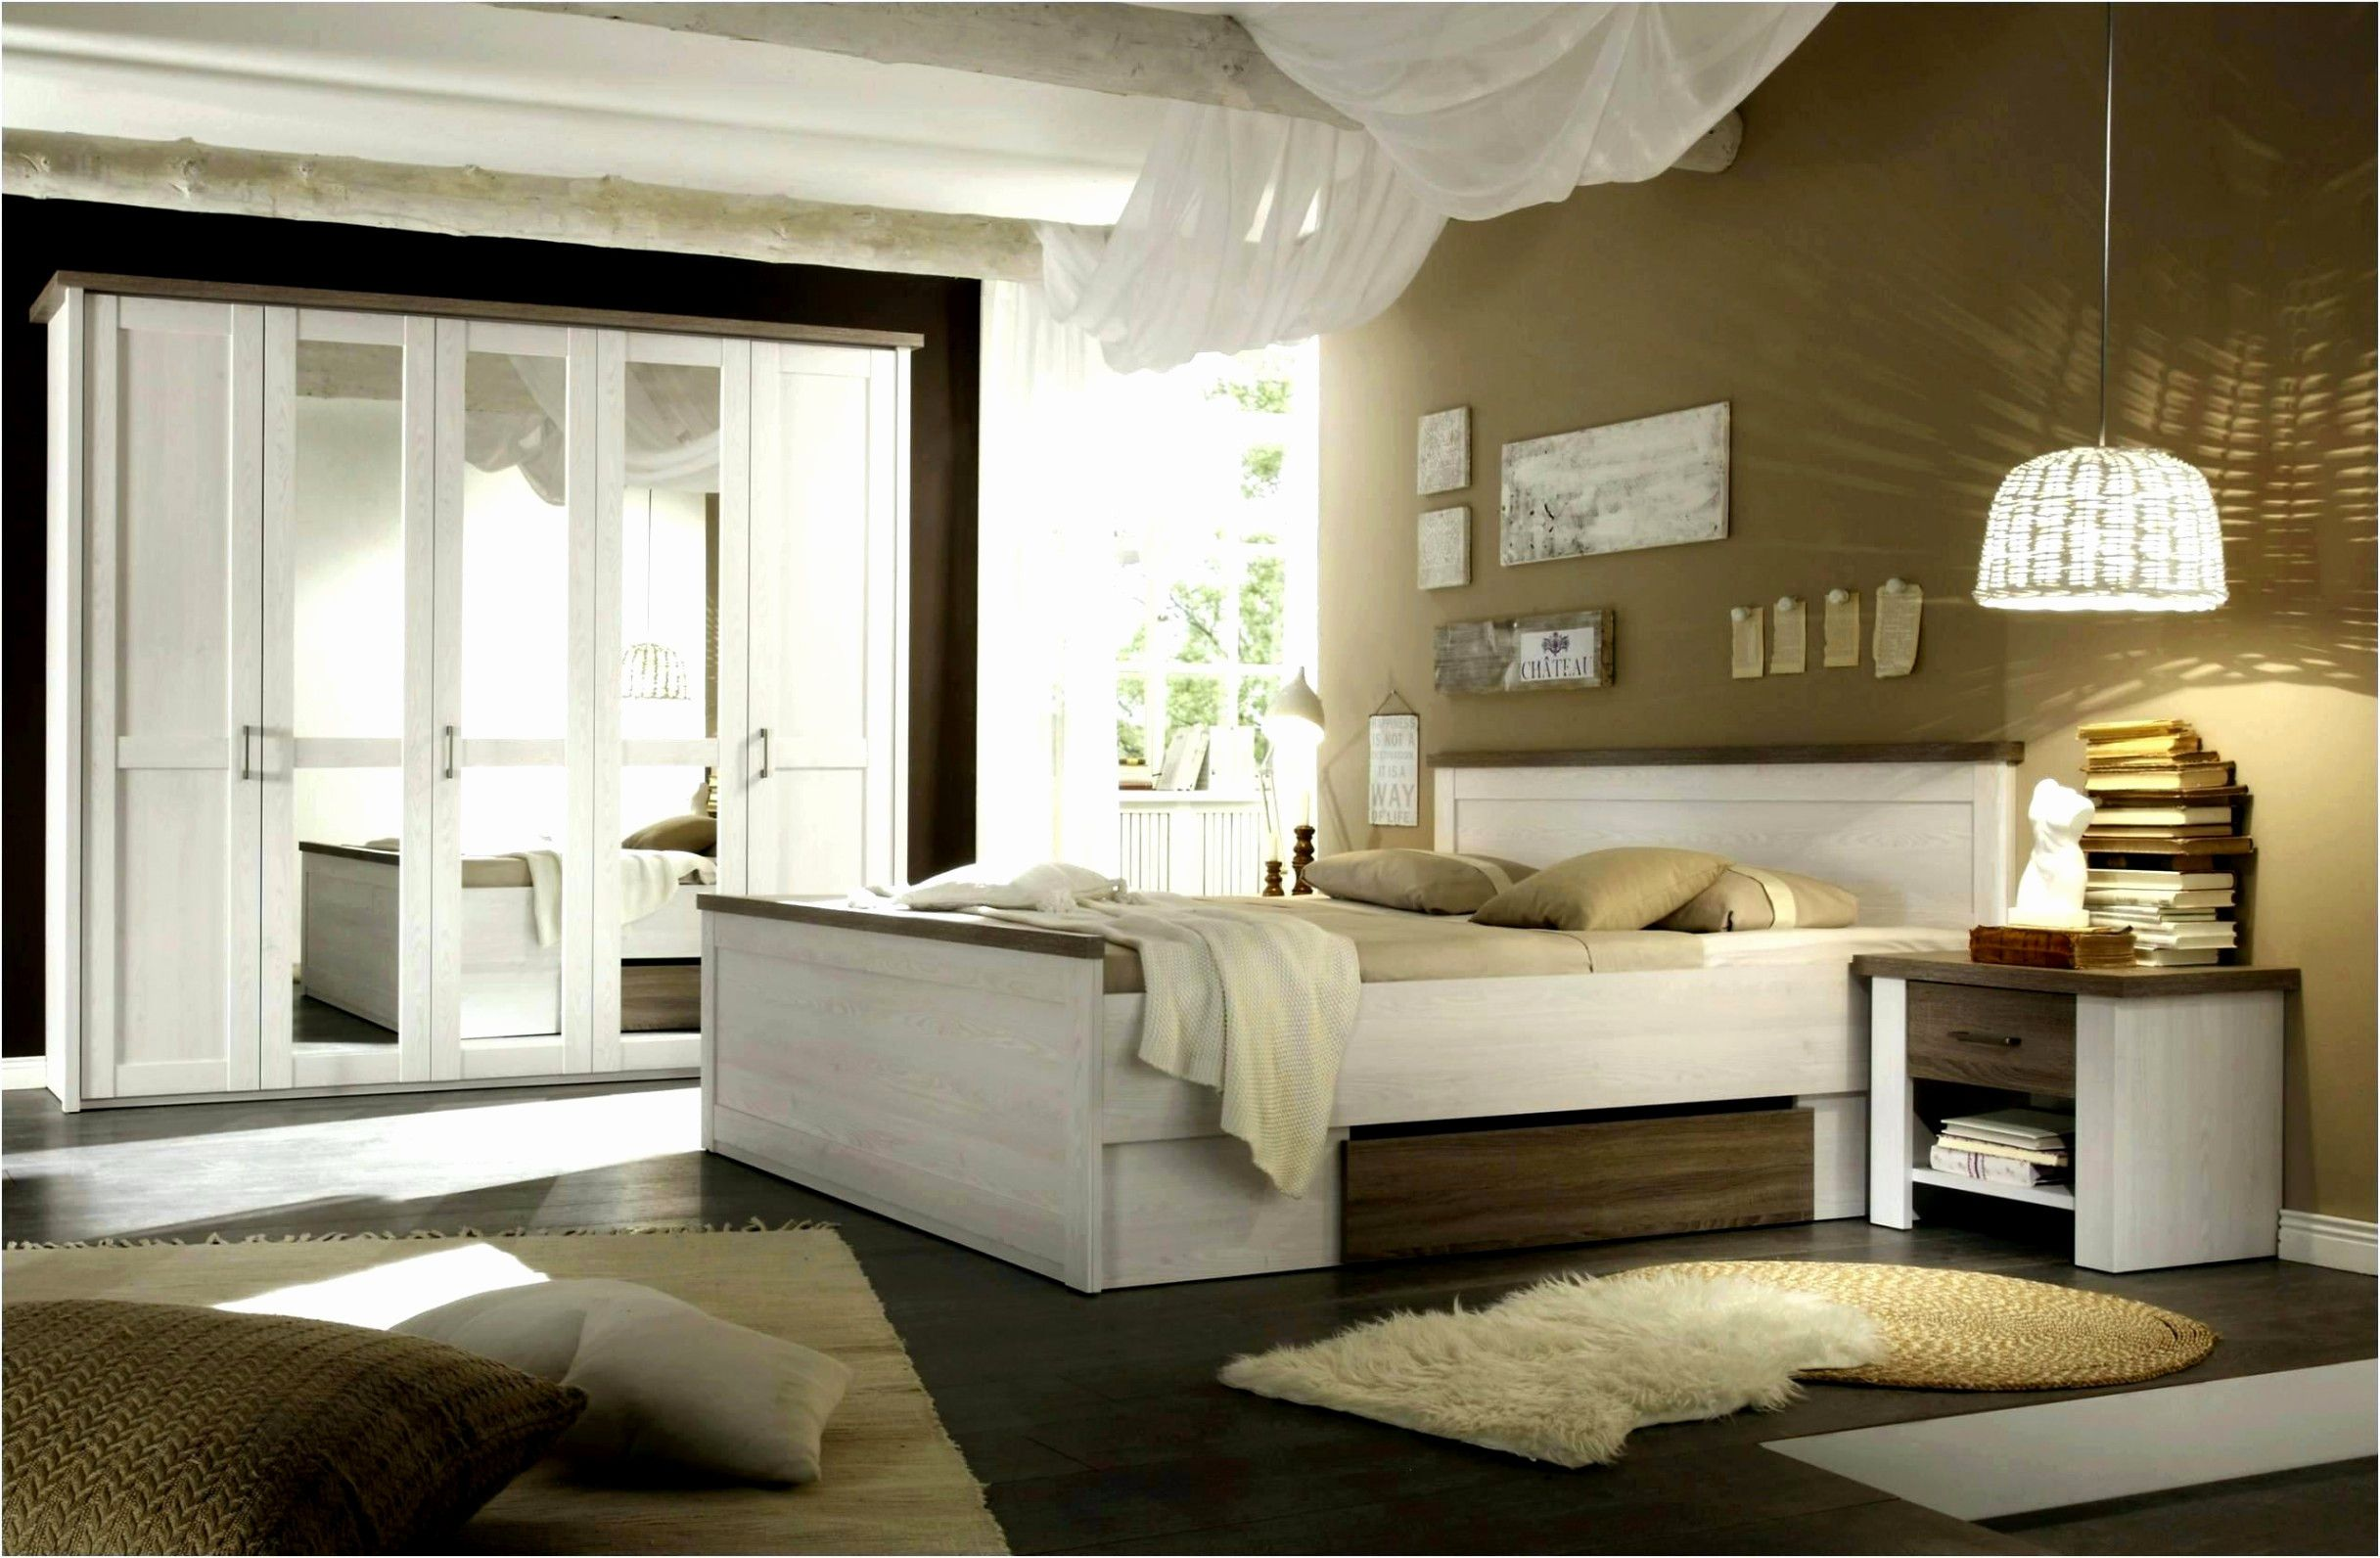 Tapeten Schlafzimmer Schoner Wohnen Fresh Tapeten Schlafzimmer Schoner Wohnen Typen Wohnen Schlafzimmer Einrichten Schlafzimmer Gestalten Wohnzimmer Einrichten